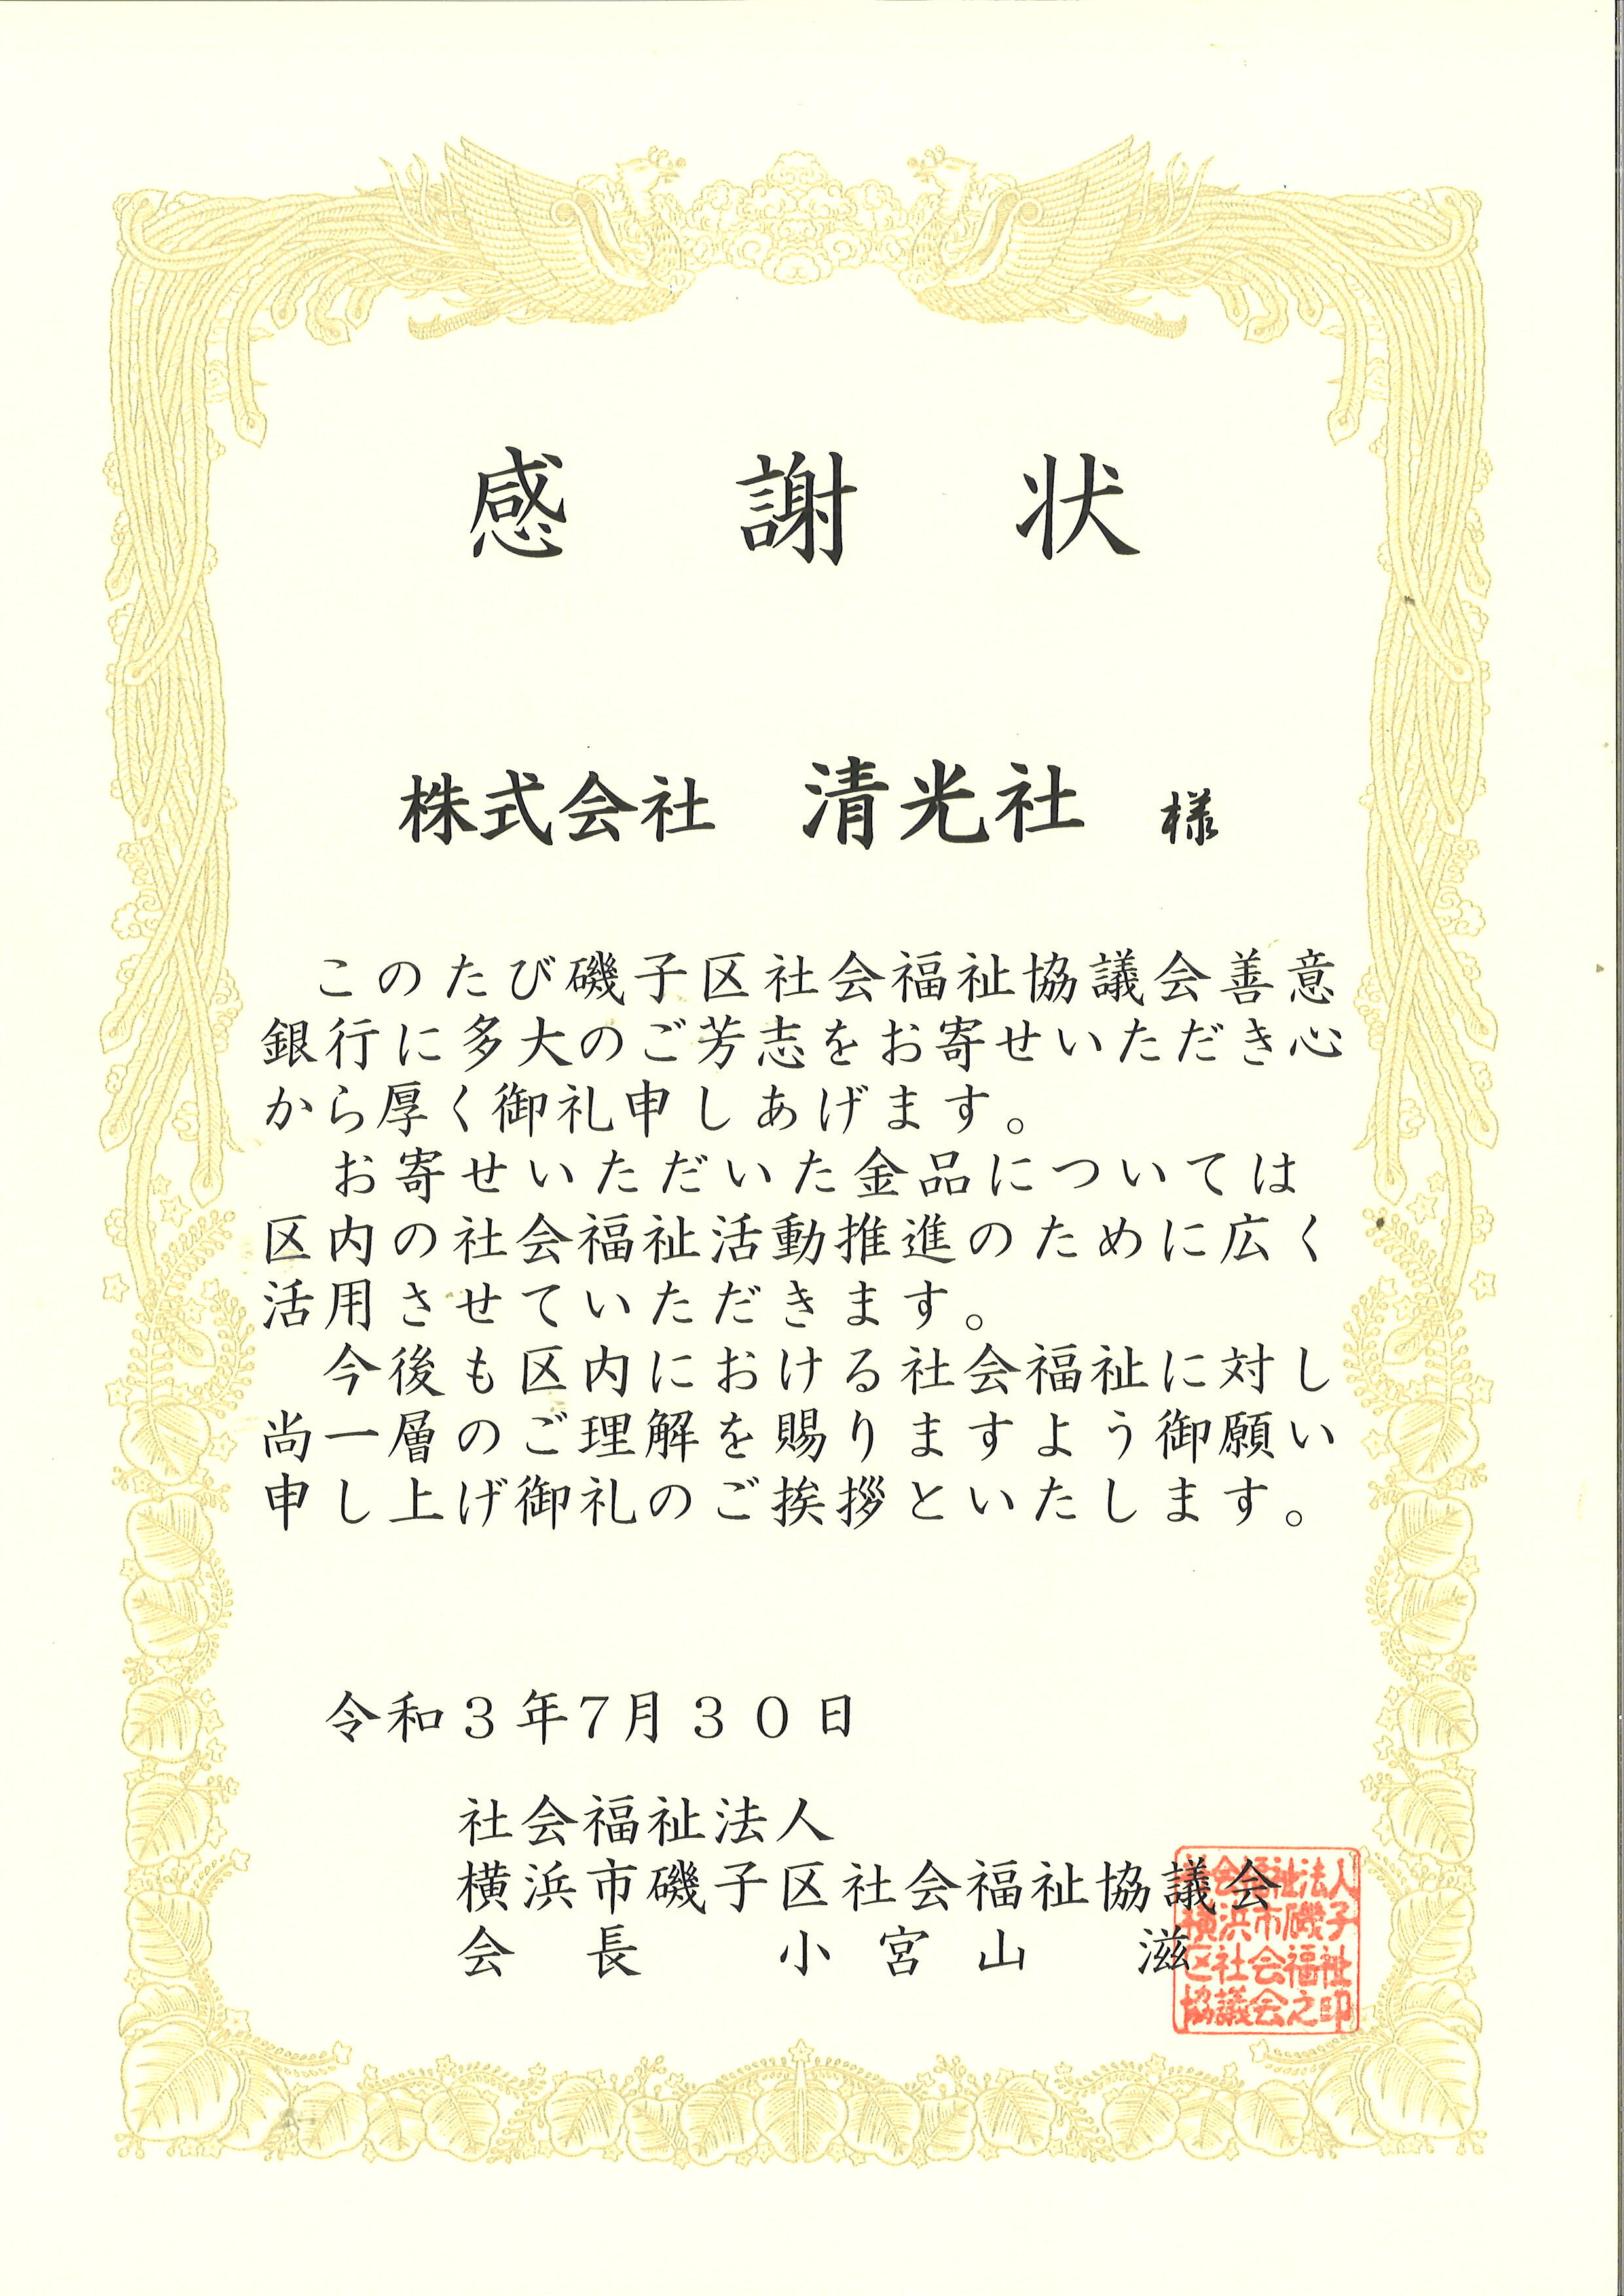 横浜市磯子区社会福祉協議会より感謝状をいただきました